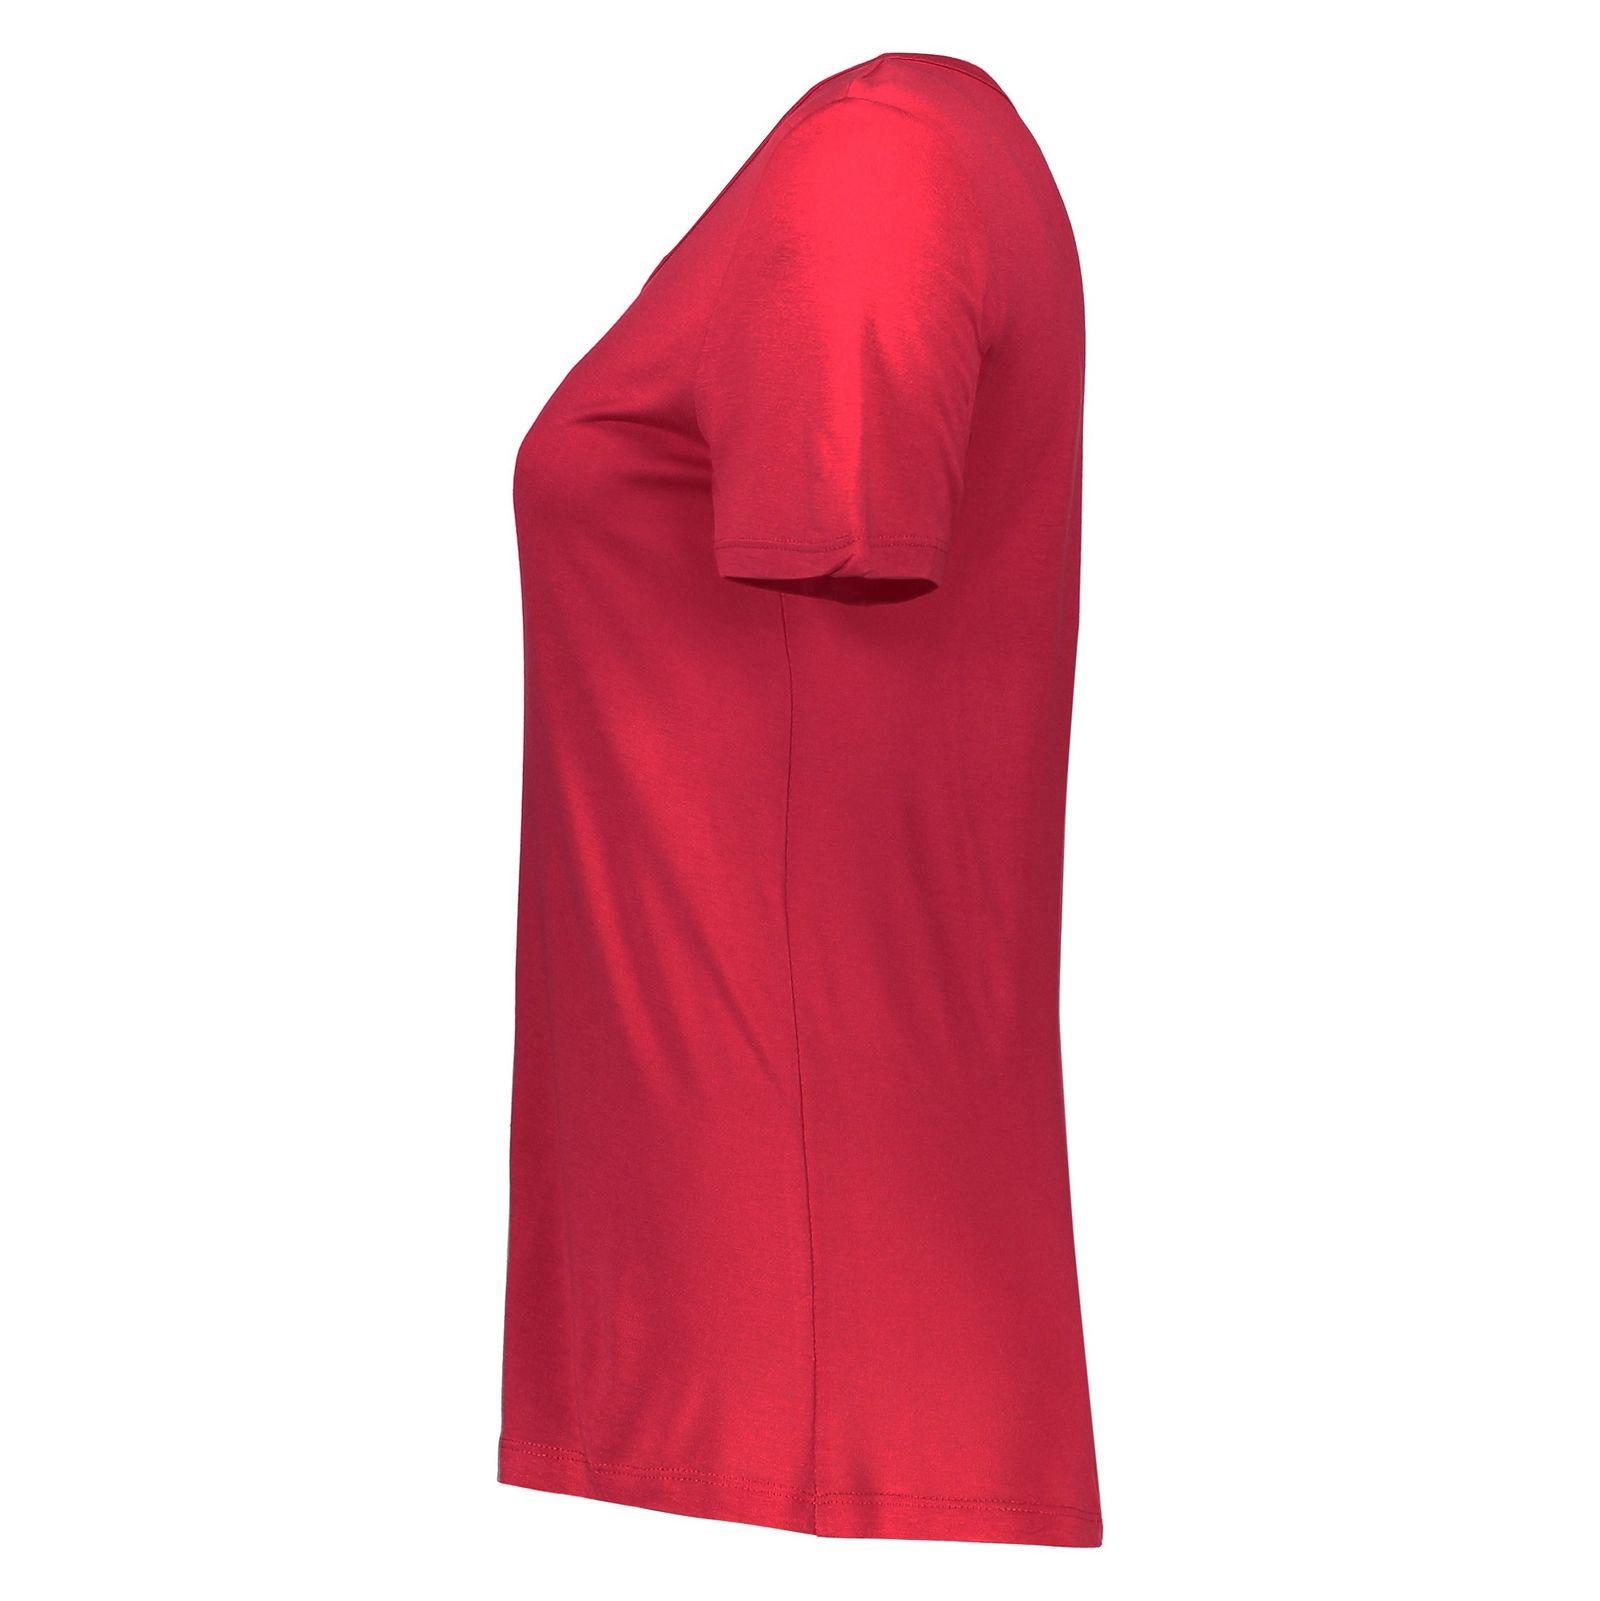 تی شرت ویسکوز یقه گرد زنانه - ال سی وایکیکی - قرمز - 4